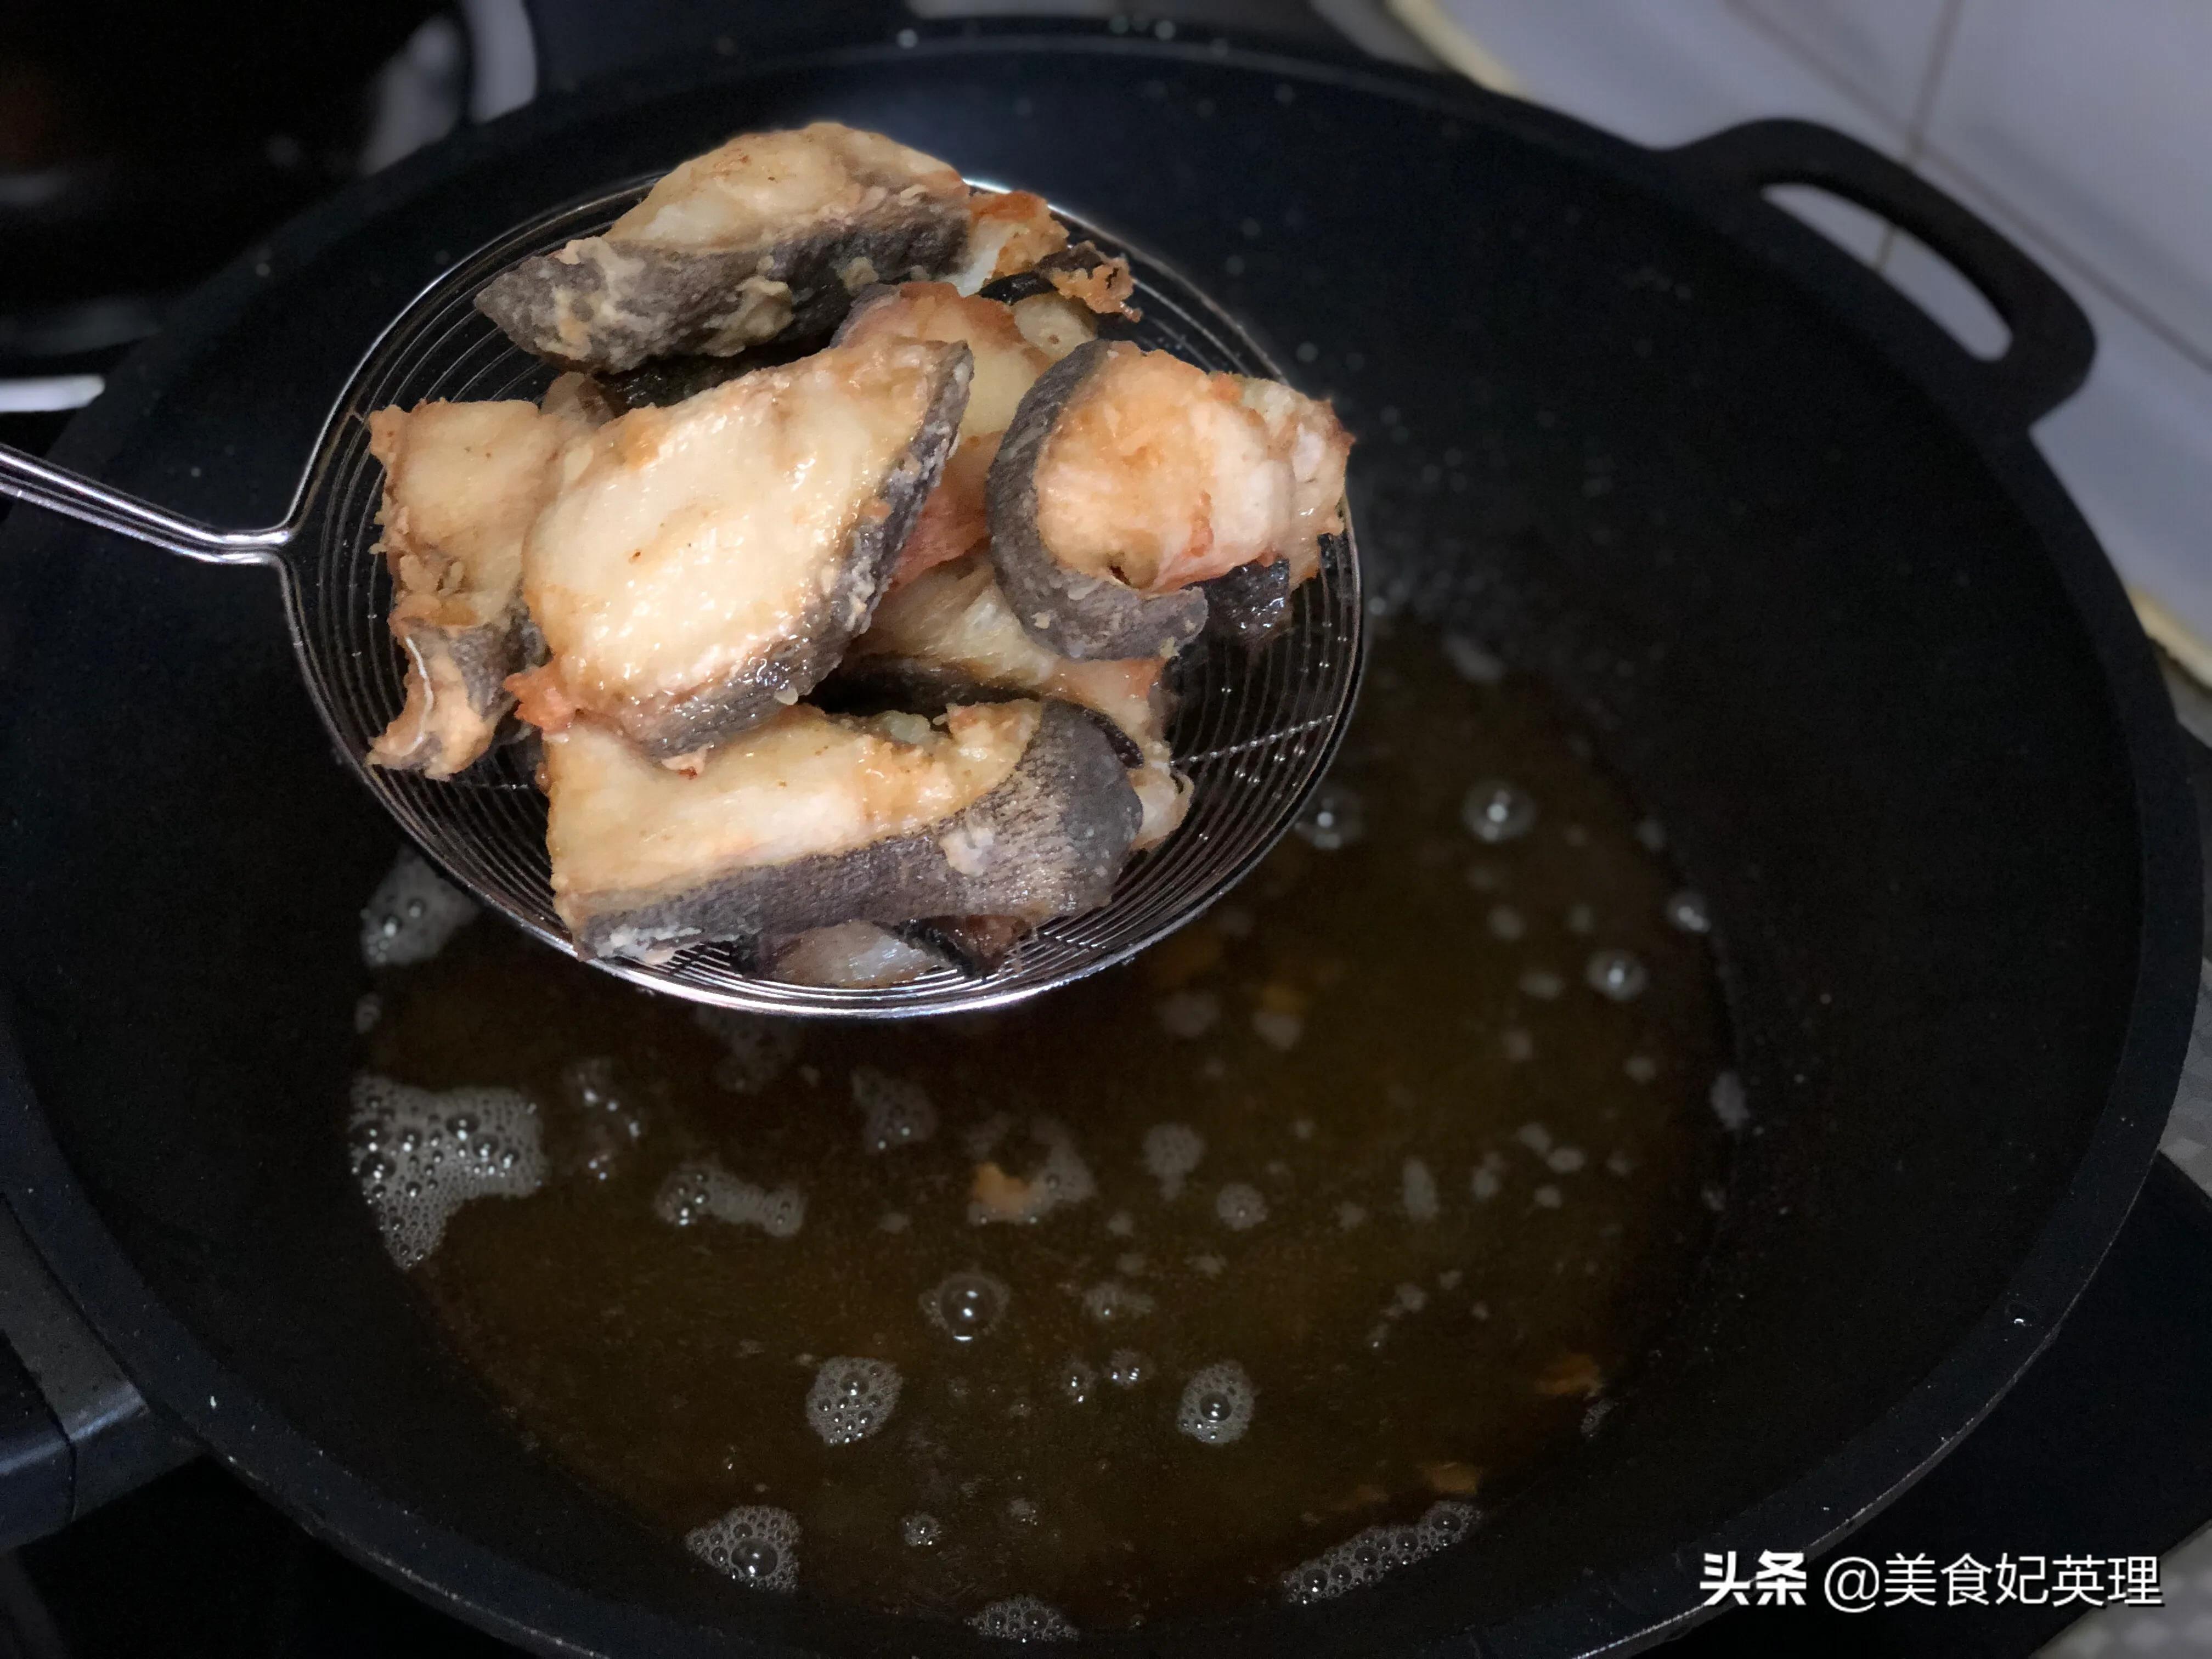 鳕鱼别再炖着吃了,试试这做法,麻辣鲜香巨下饭,老公直竖大拇指